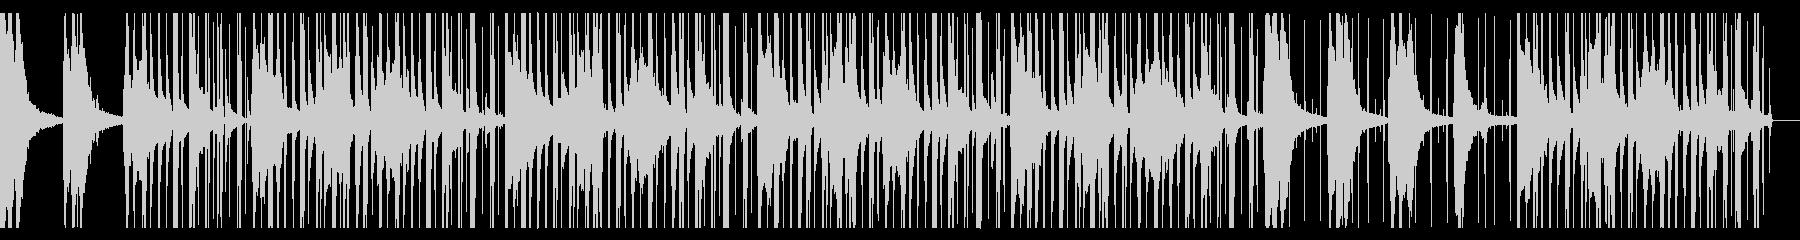 ローファイヒップホップ ウッドベースの未再生の波形